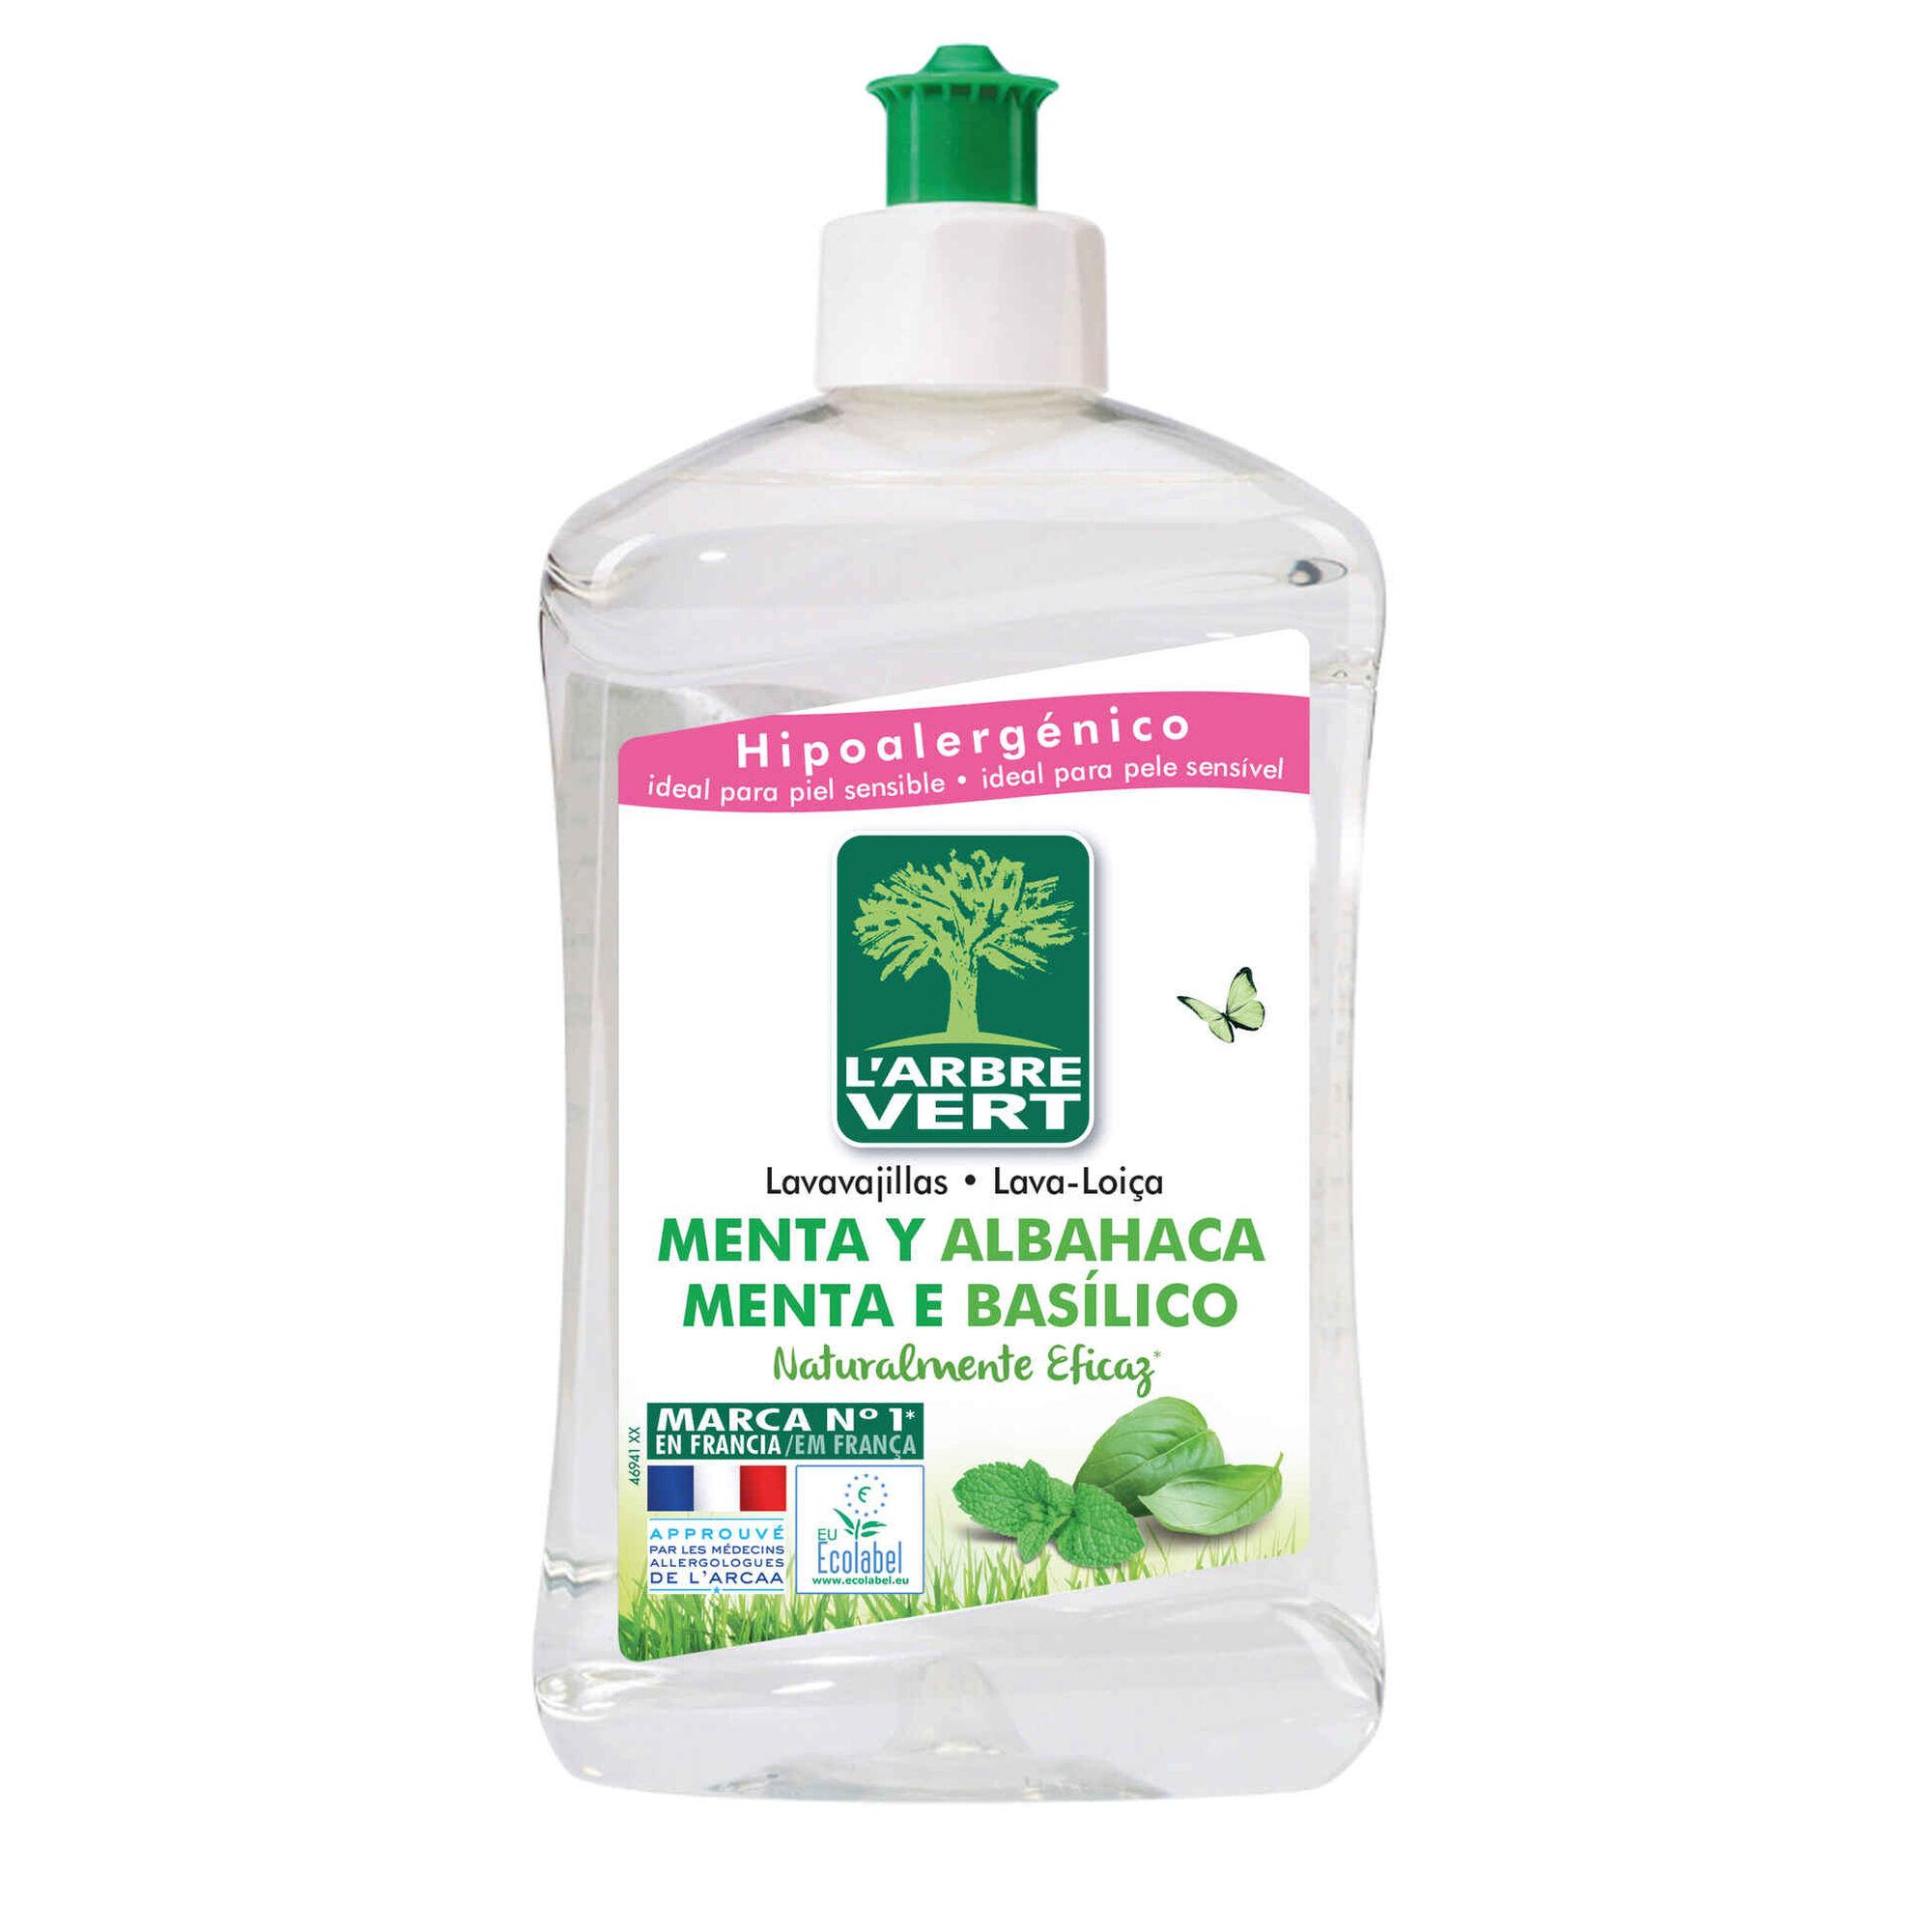 Detergente Manual Loiça Menta